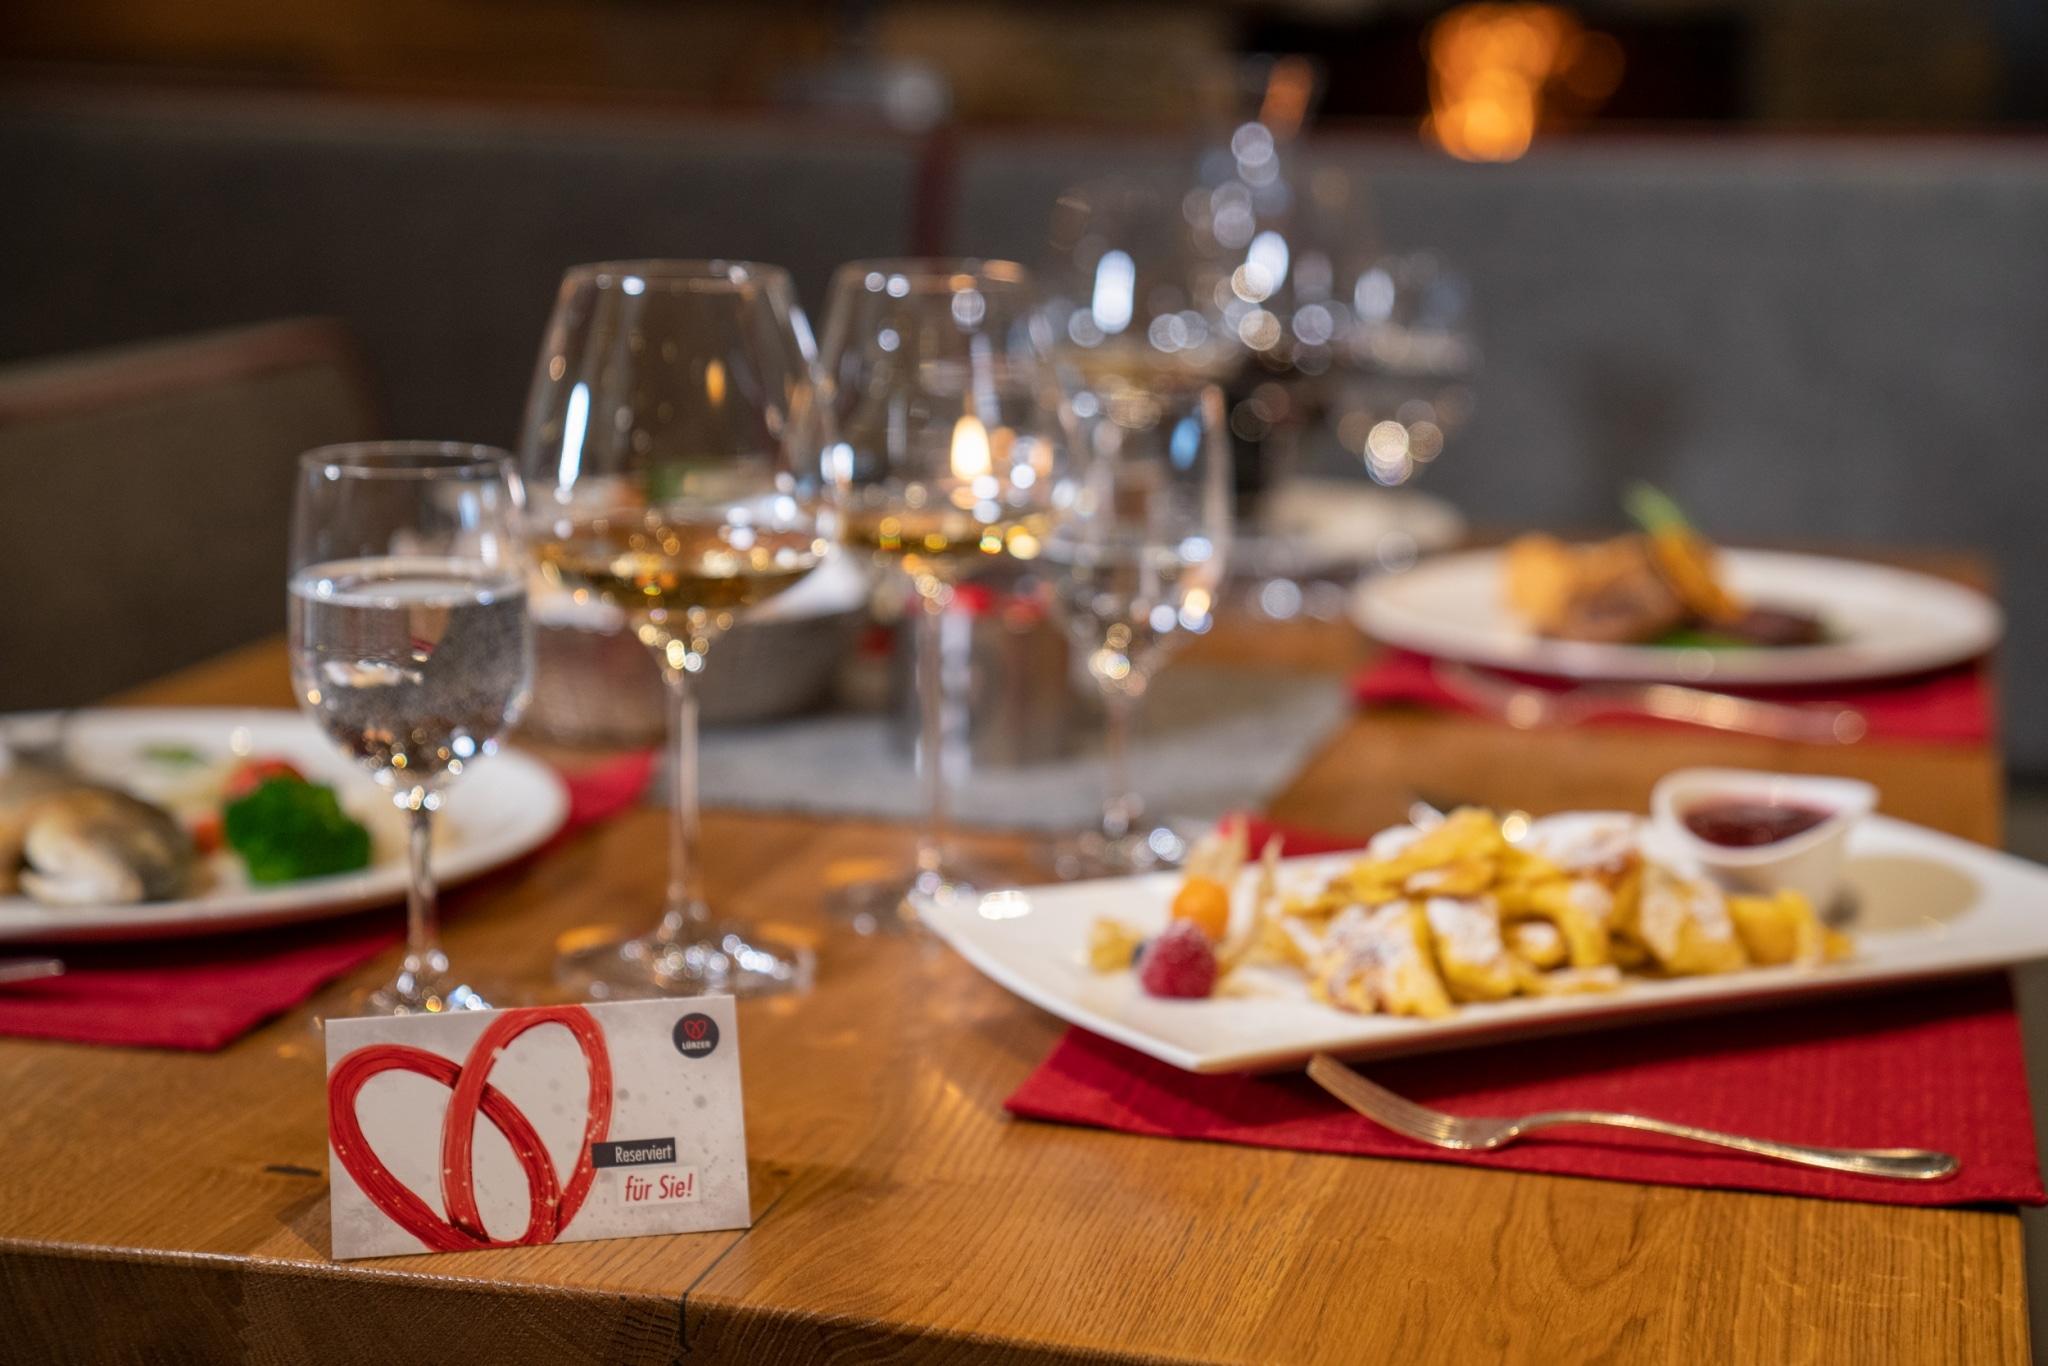 Blick auf gedeckten Tisch mit Speisen